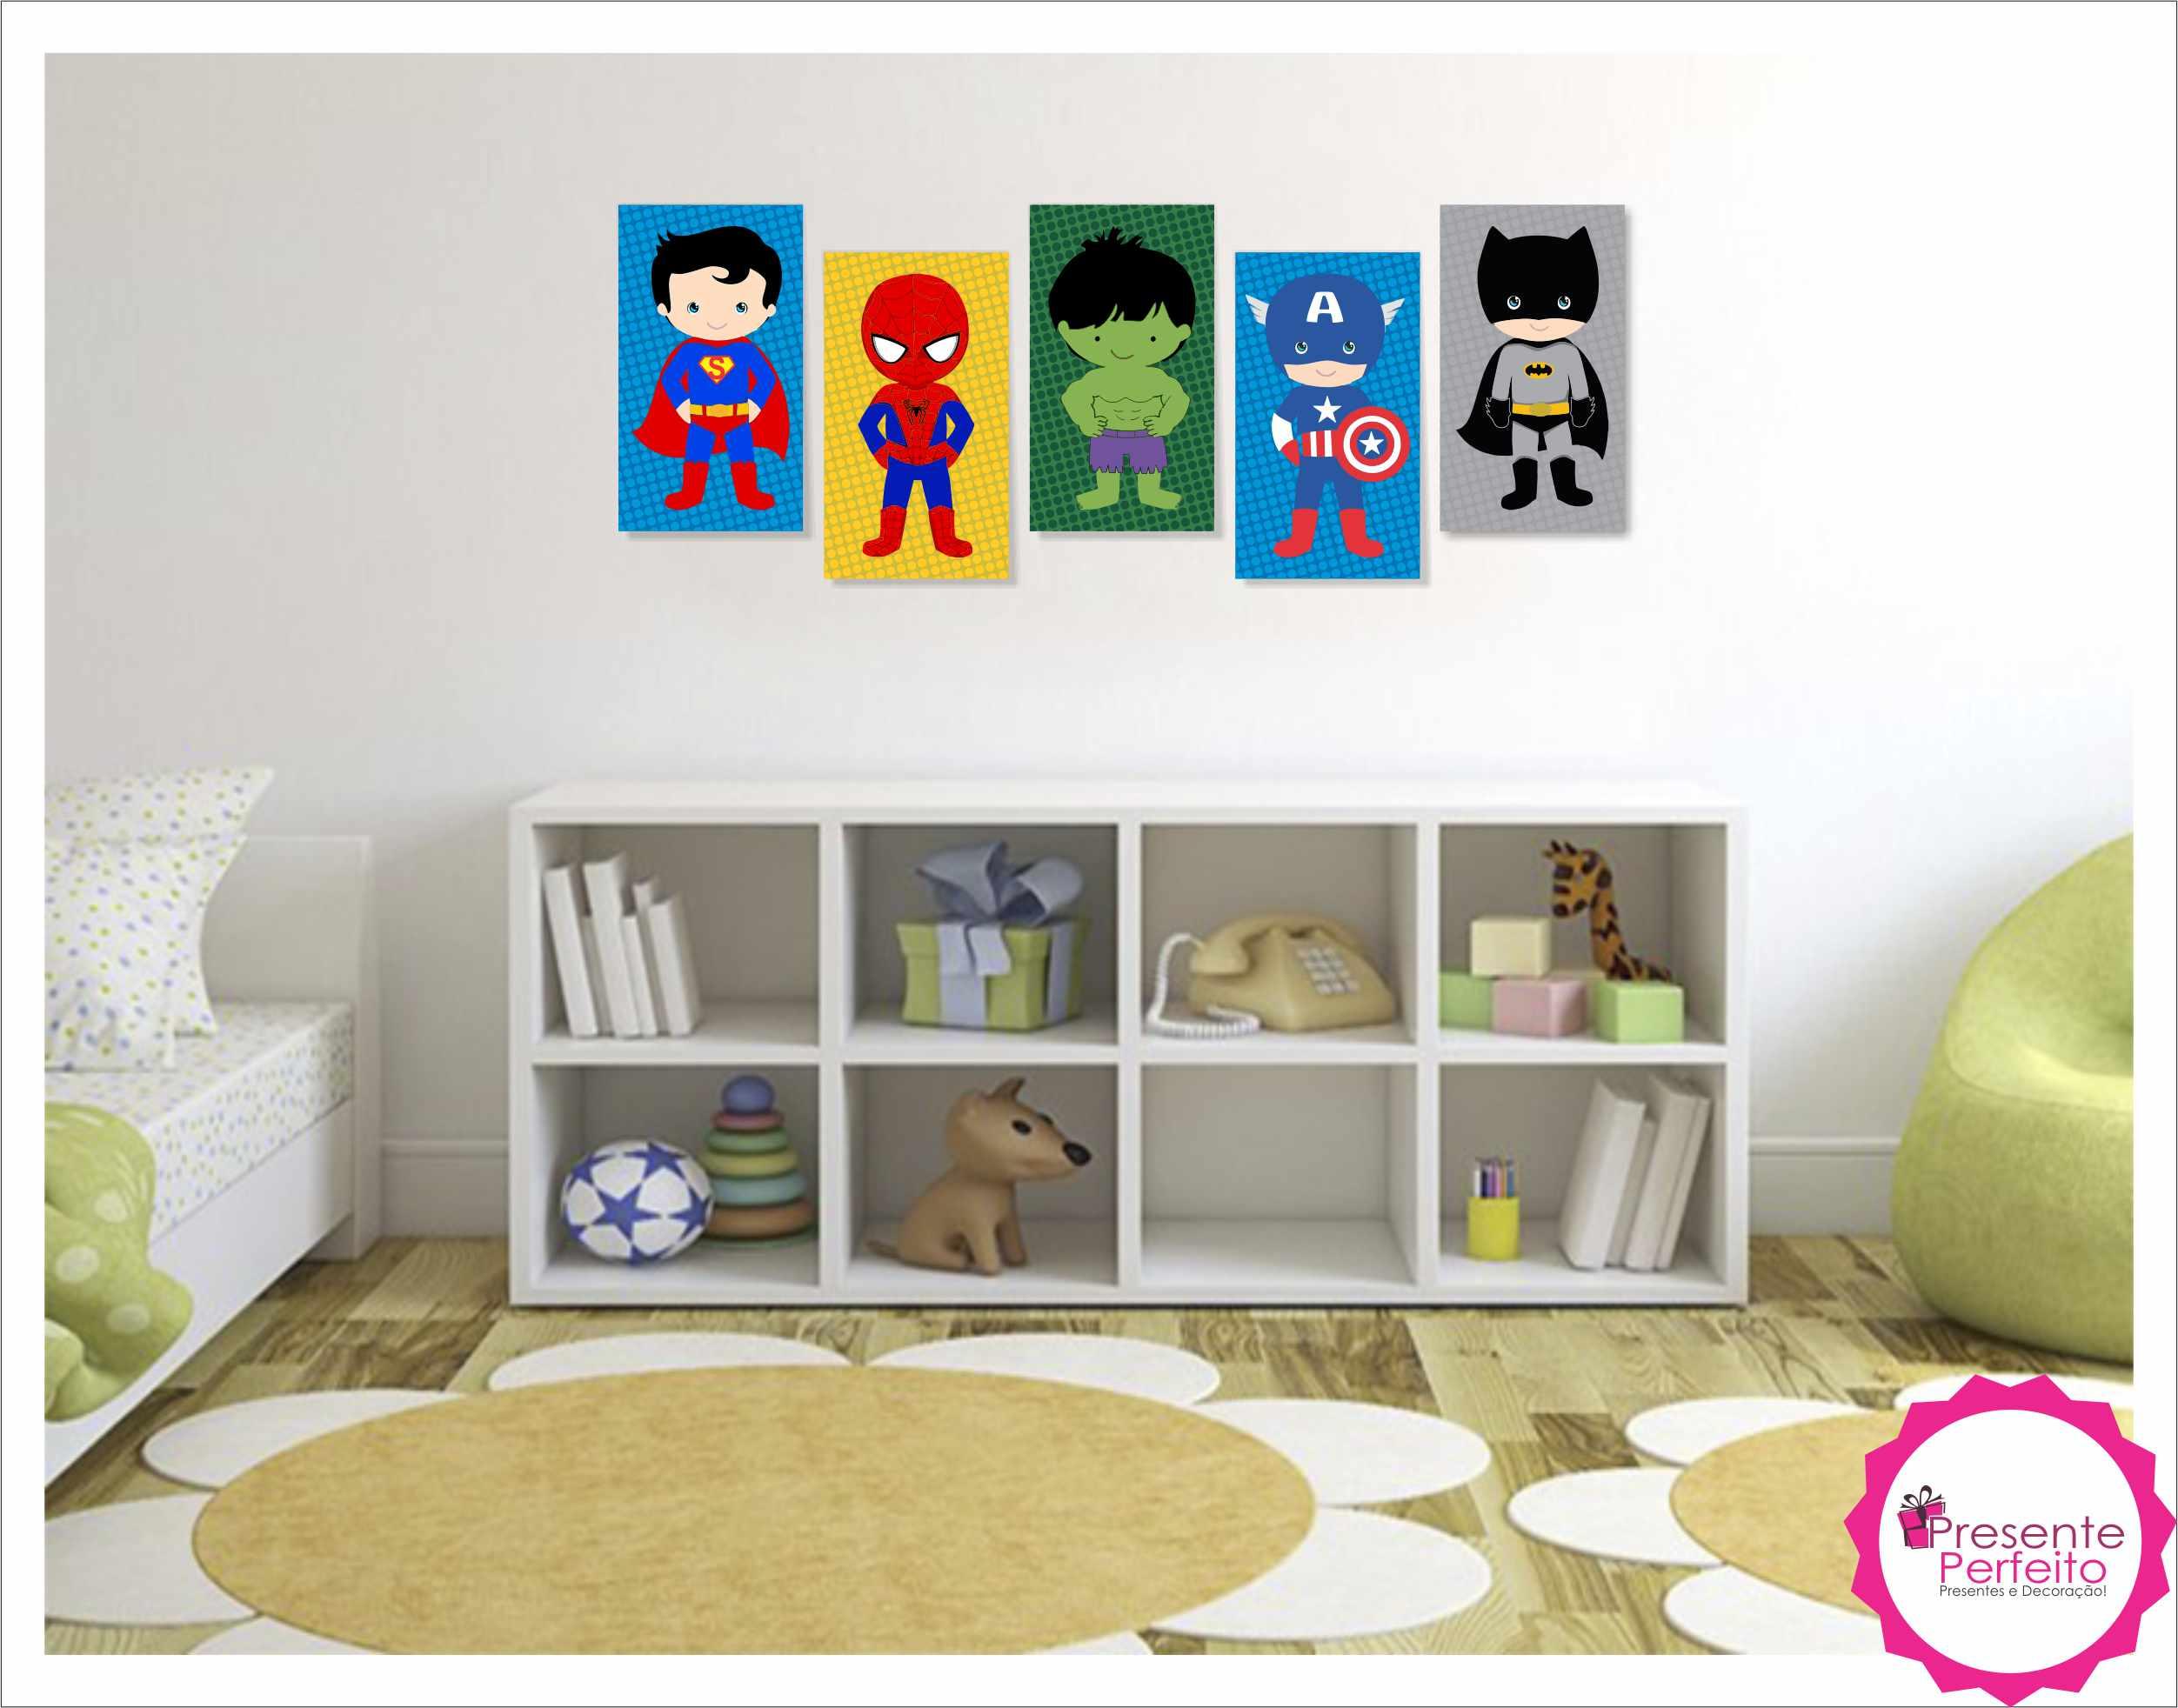 Hochwertig Heróis Baby 5 Quadros Decorativos Grande No Elo7 | Loja Presente Perfeito  (6BCD60)